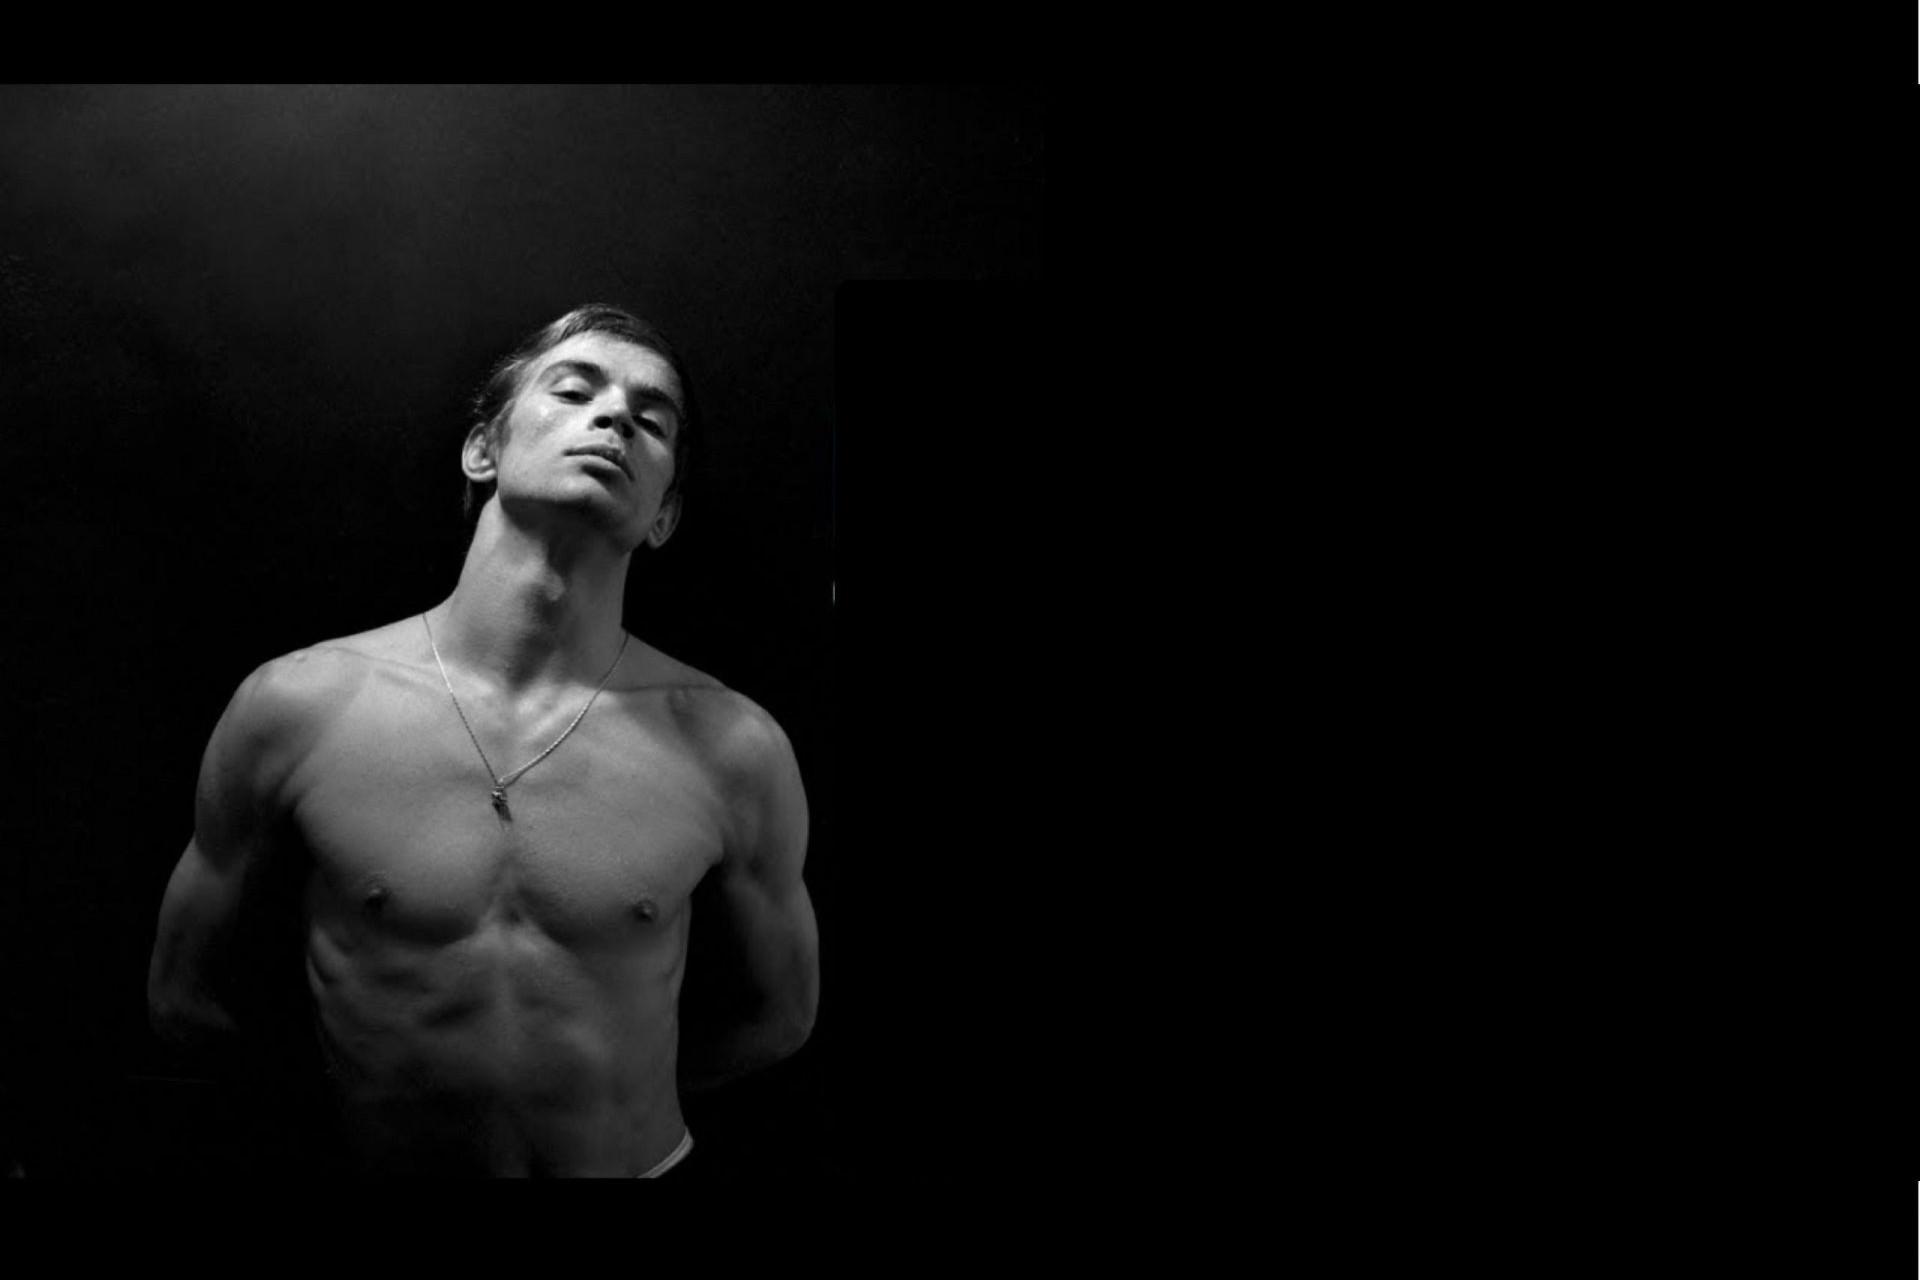 Foto de Rudolf Nureyev_El bailarín a torso descubierto con las manos detrás de la espalda.